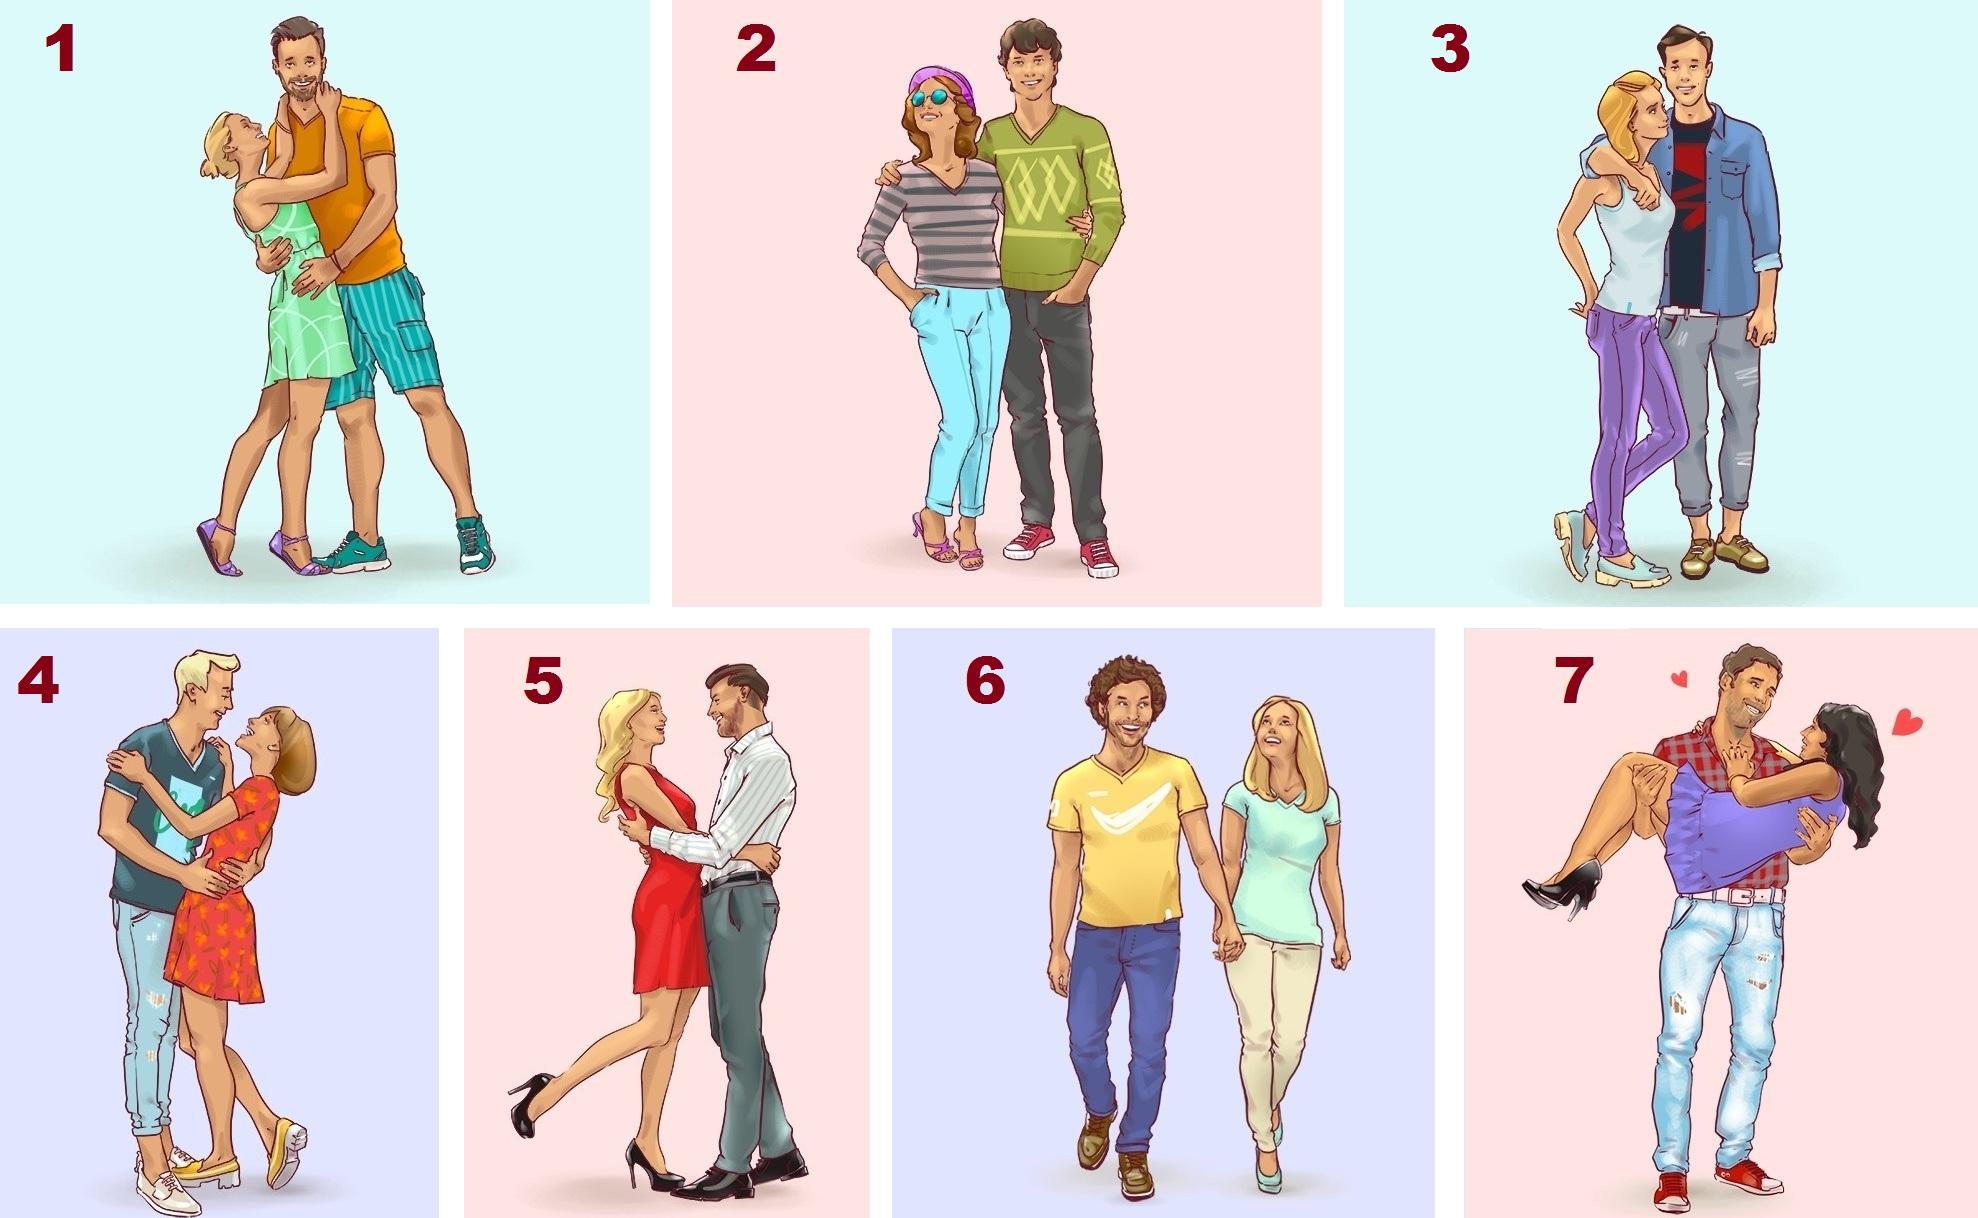 1-izberete-go-najsrekjniot-par-spored-vas-i-otkrijte-neshto-za-vashata-ljubovna-vrska-www.kafepauza.mk_